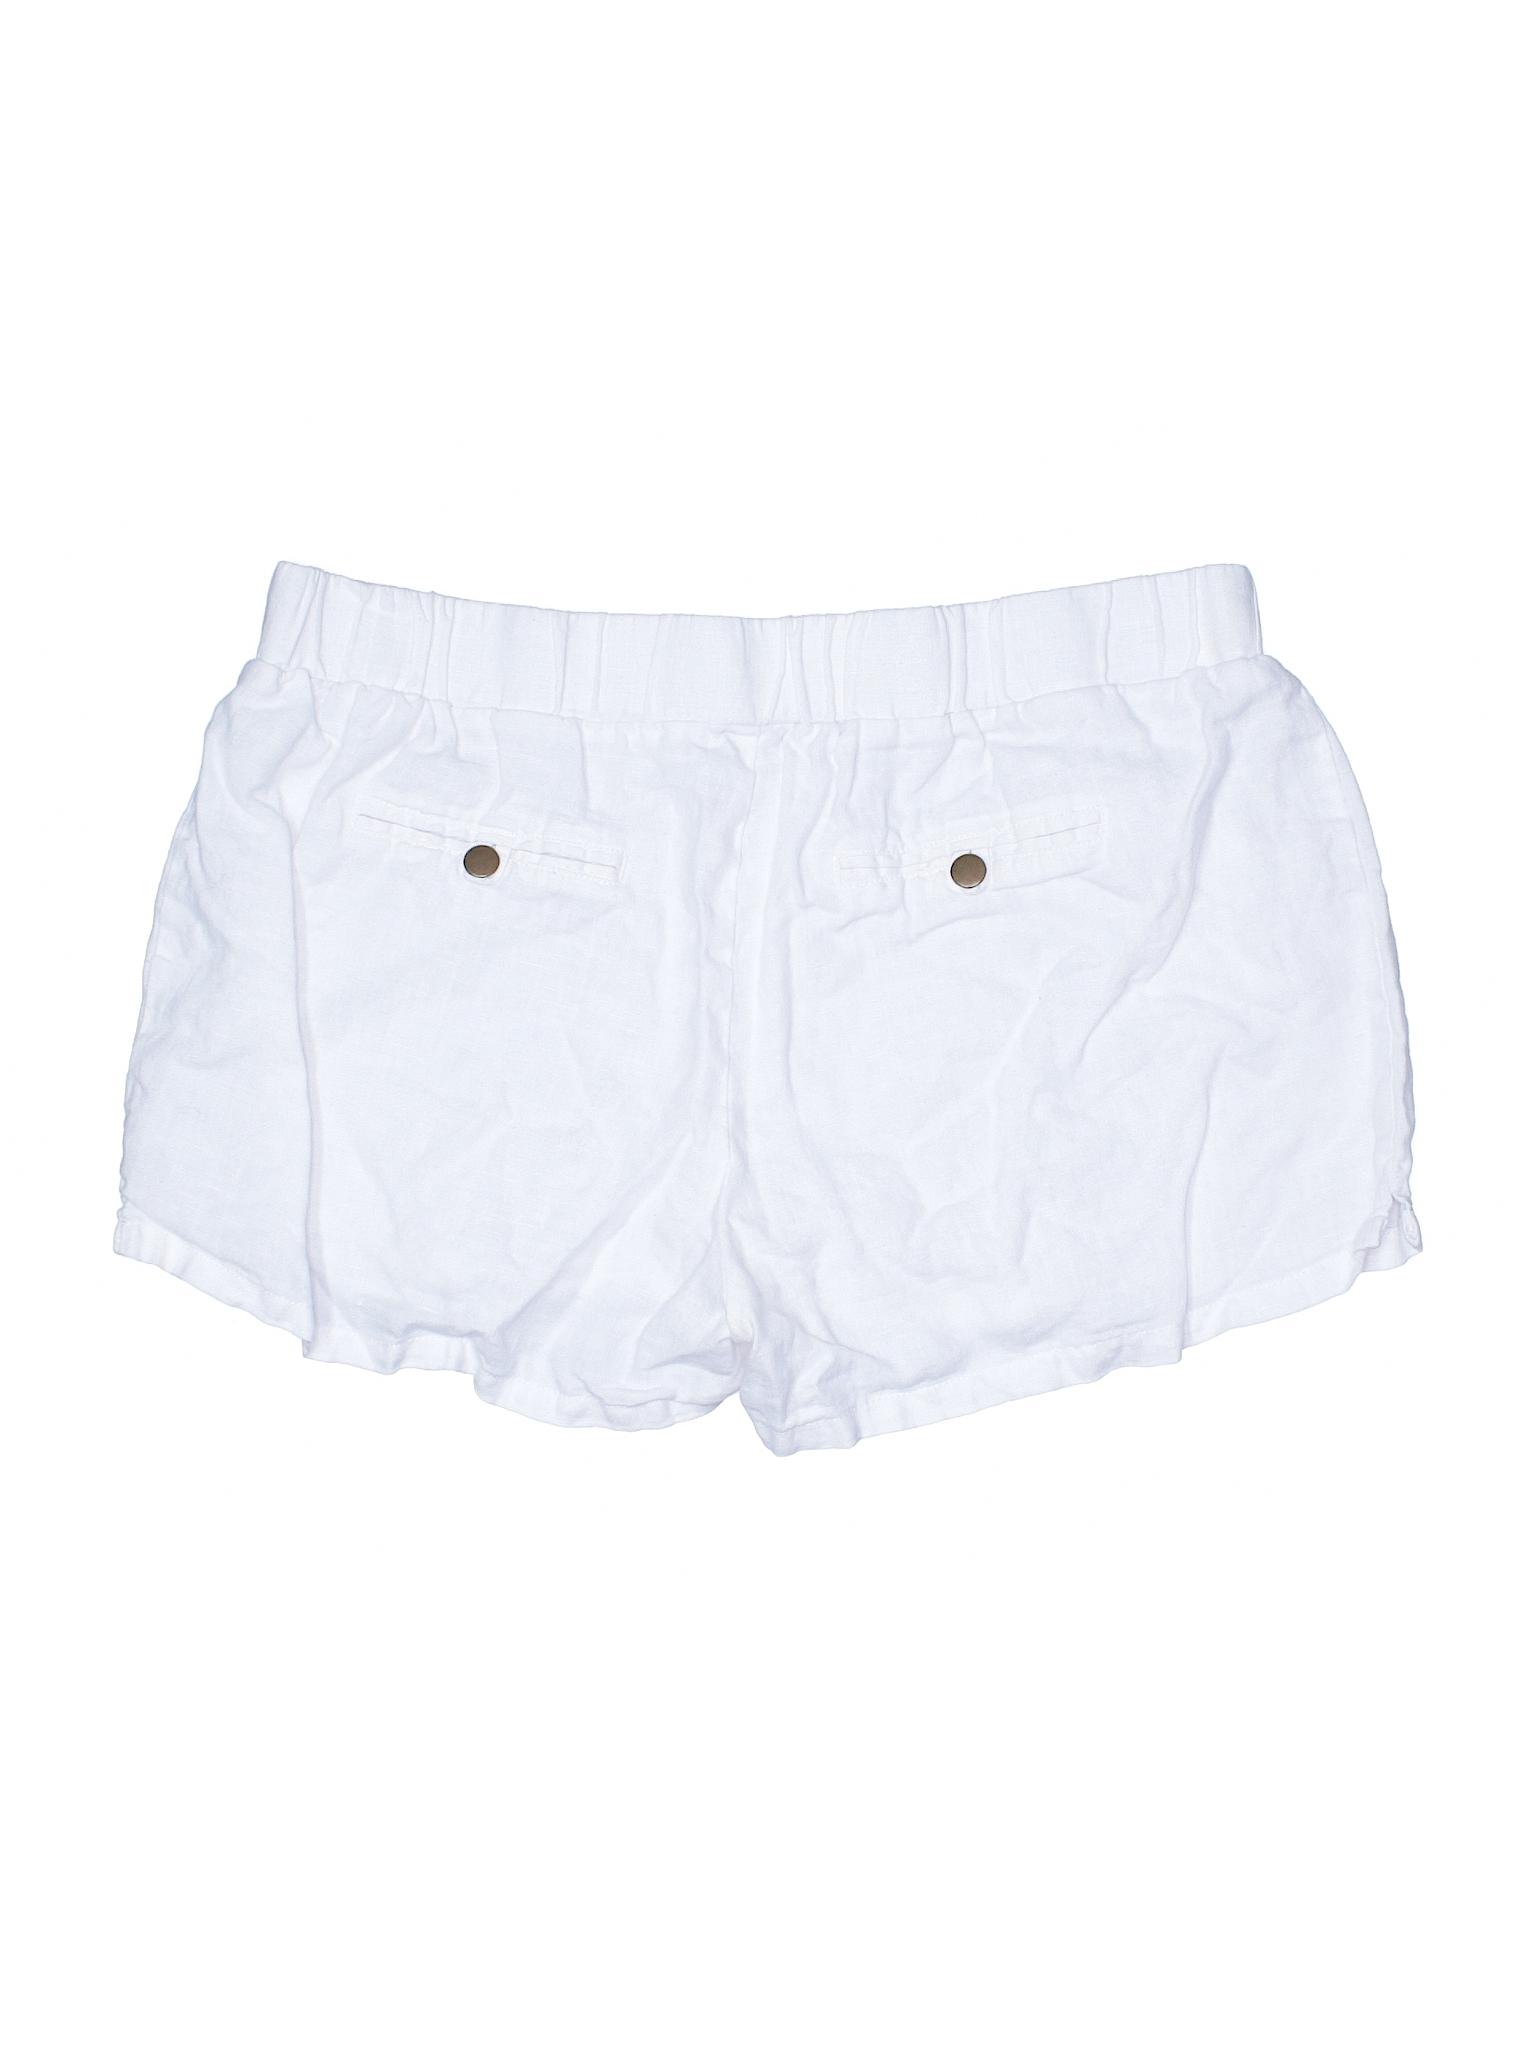 Boutique Boutique Bebe Shorts Bebe wqv8xfC0